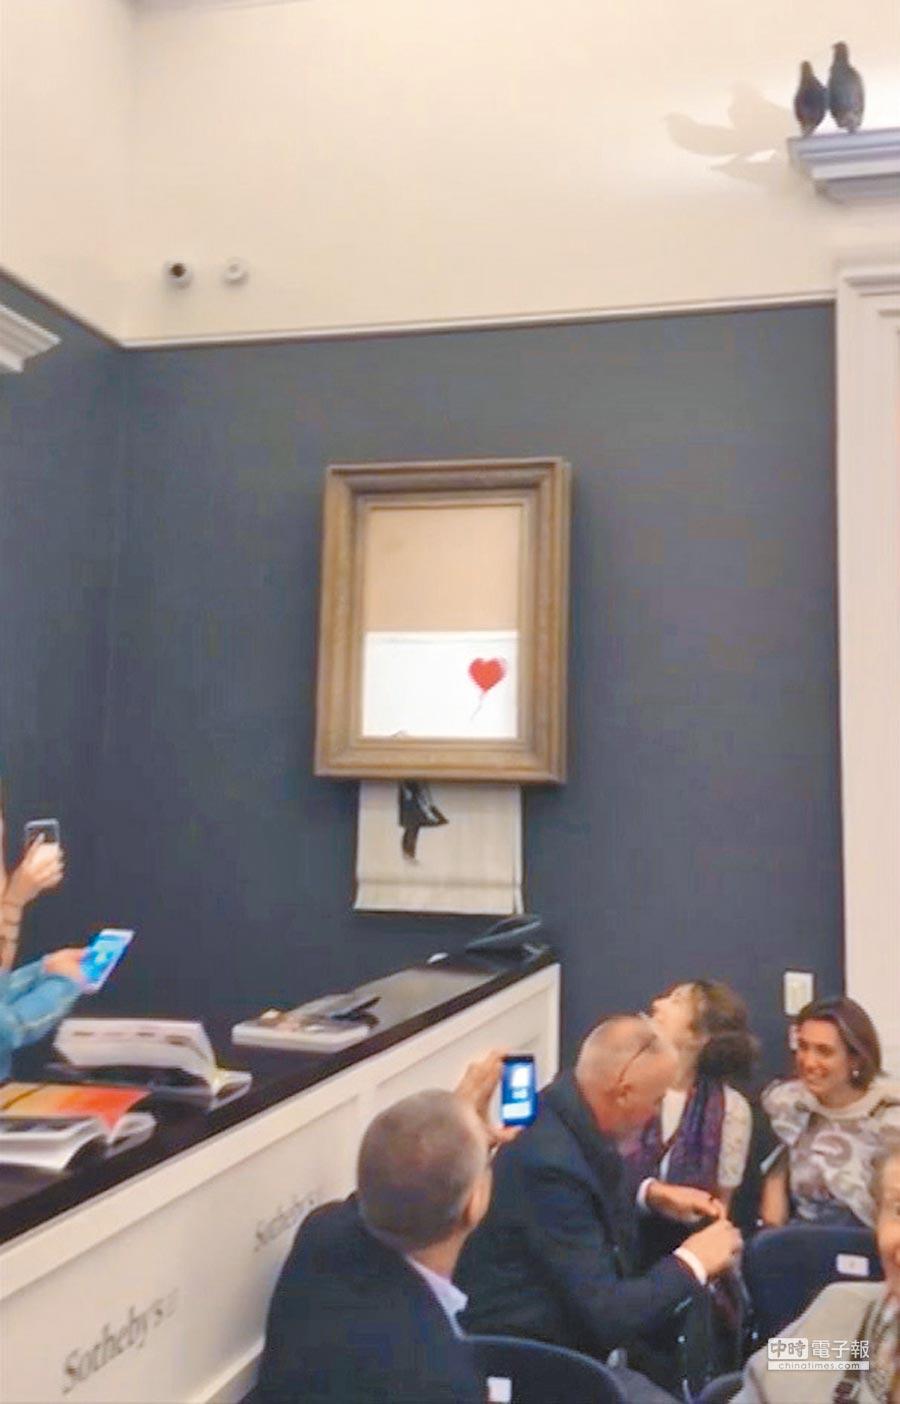 英國著名塗鴉藝術家班克斯作品《氣球女孩》,日前以超過百萬英鎊的價格成交後旋即「自毀」,震驚藝術圈。(美聯社)